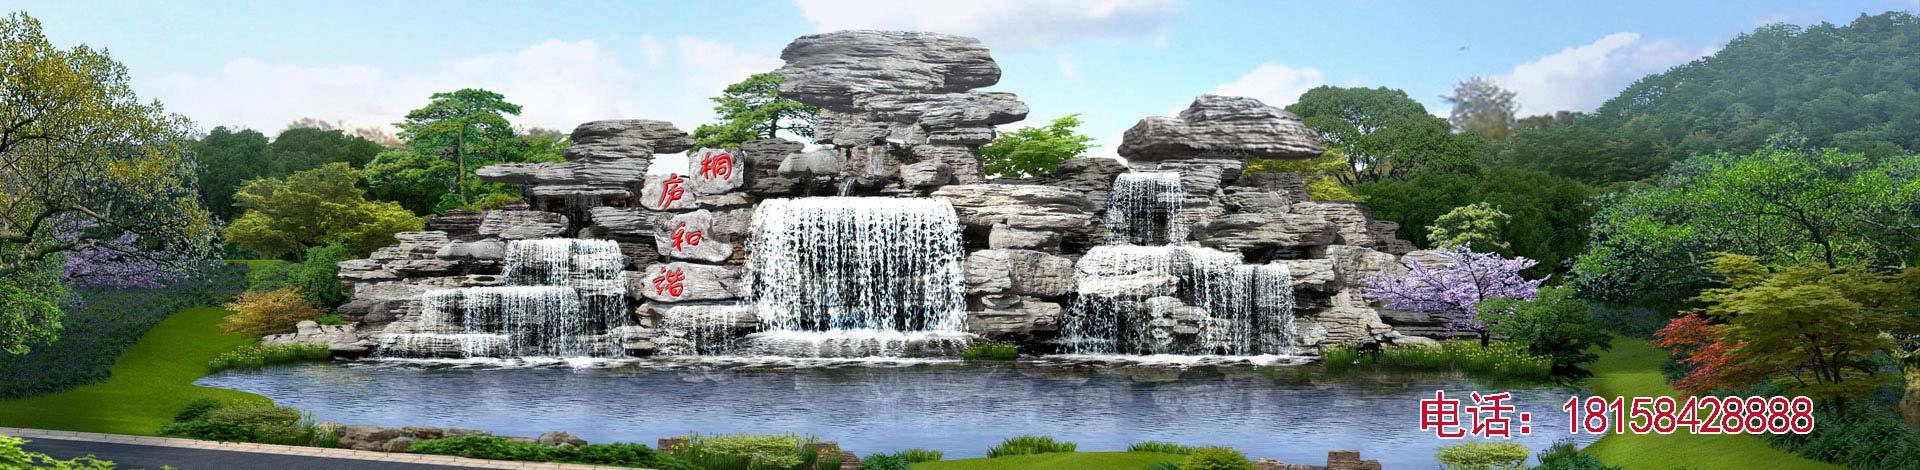 桐庐和谐景观石有限公司